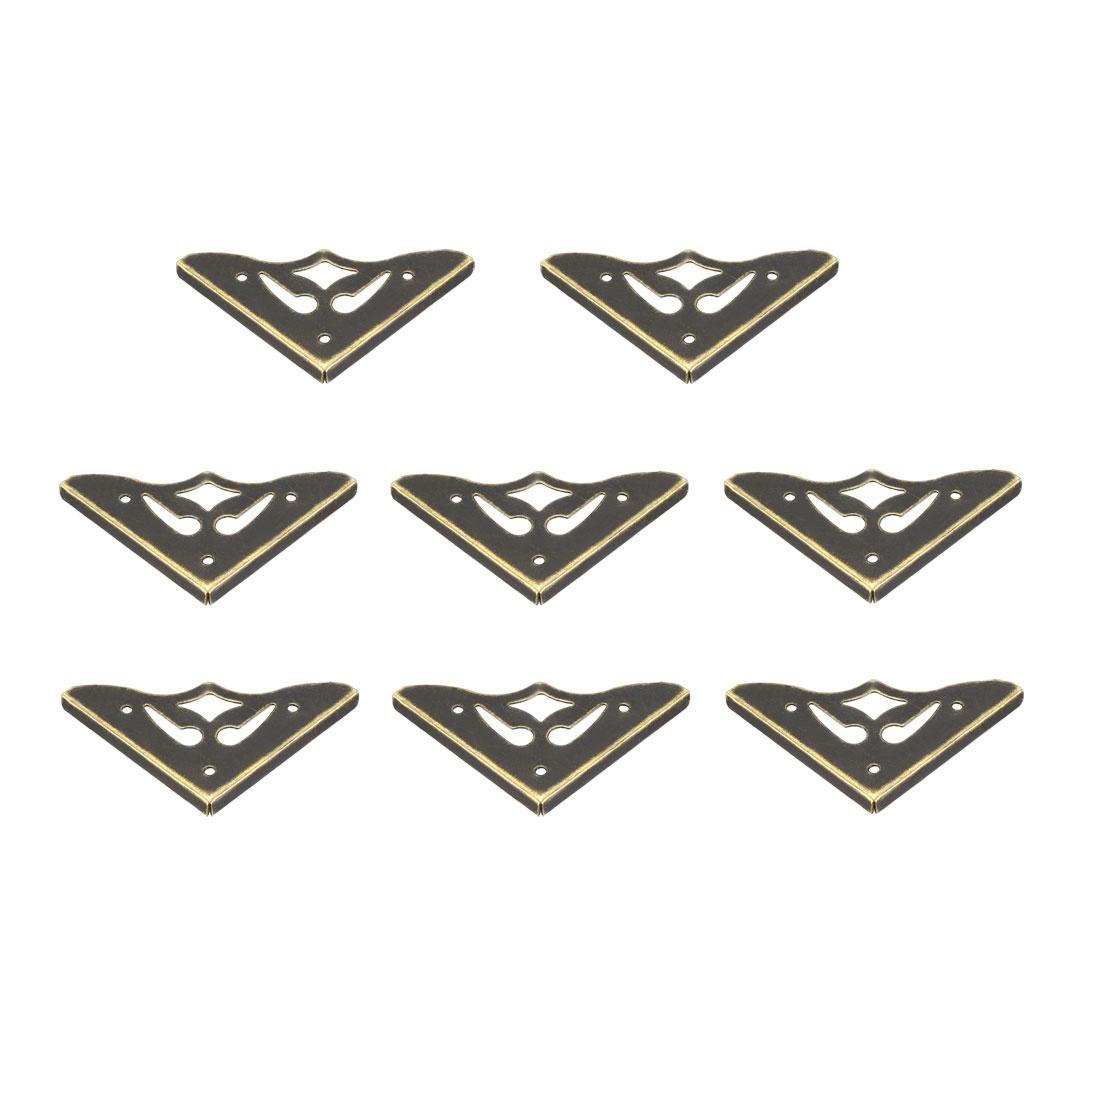 Metal Desk Corner Protectors Table Edge Cover Guard 36x36x3.3mm Bronze Tone 8pcs